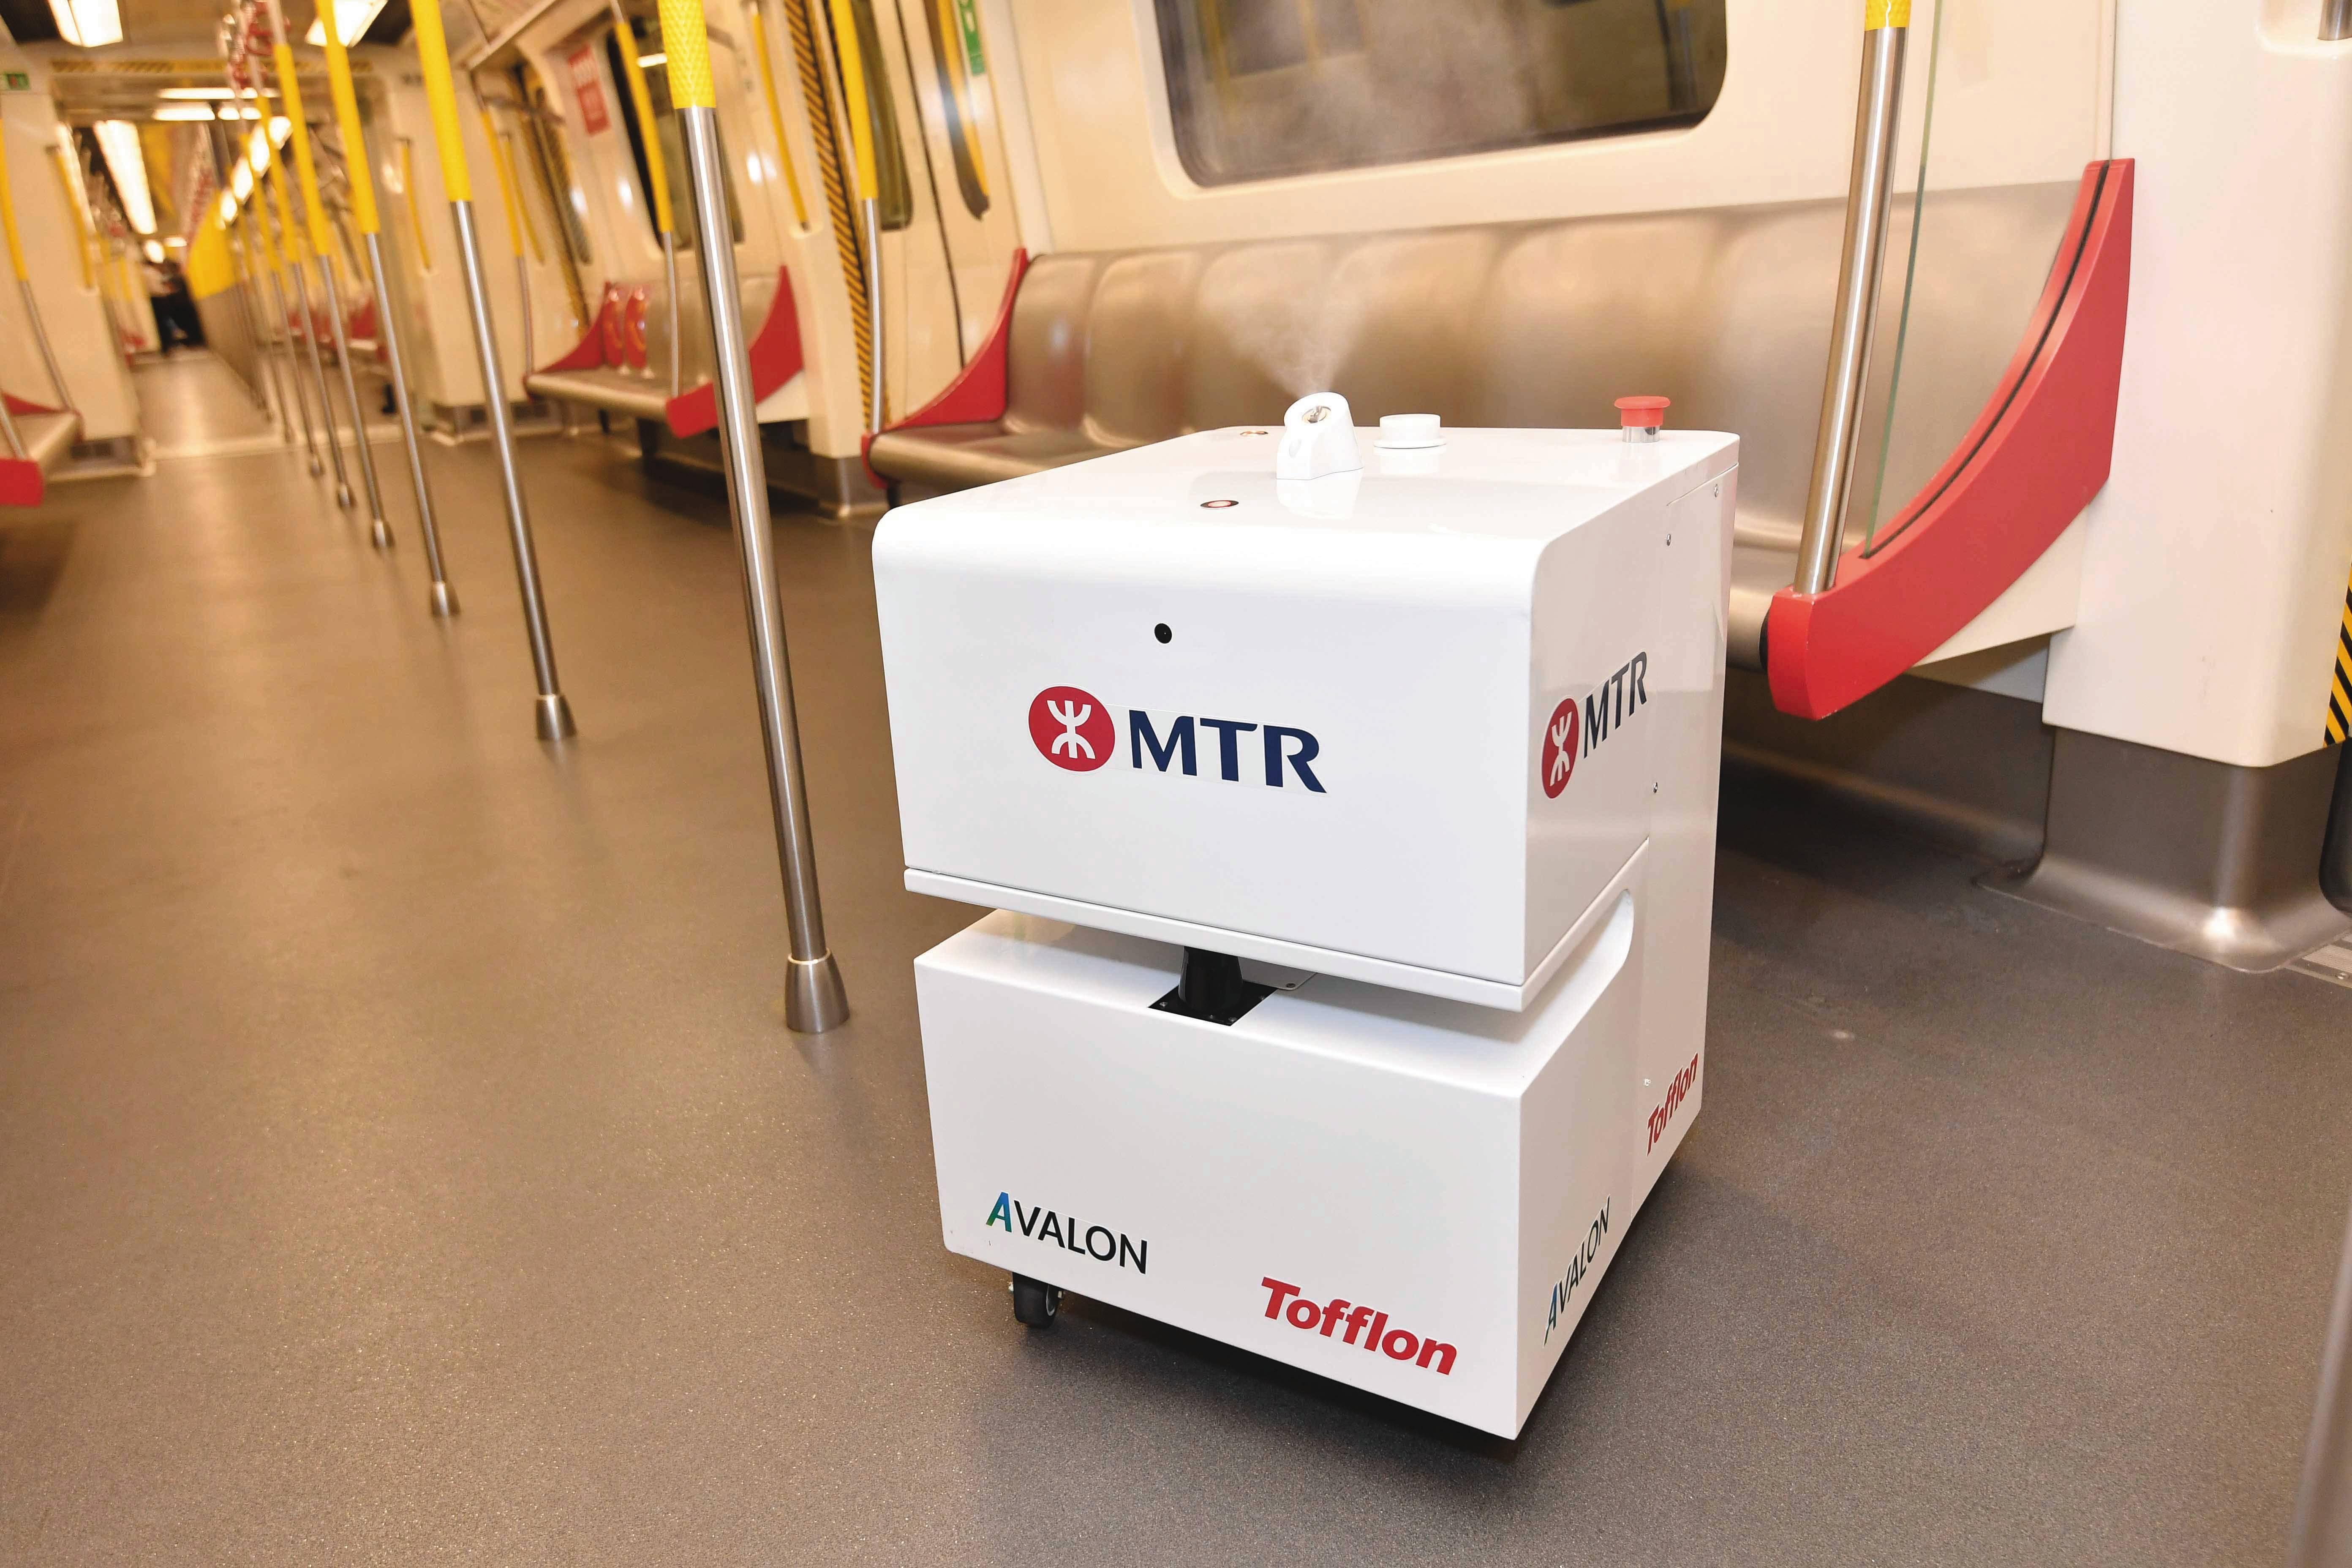 Operadora de transporte chinesa implantou robôs para fazer a higienização dos veículos.